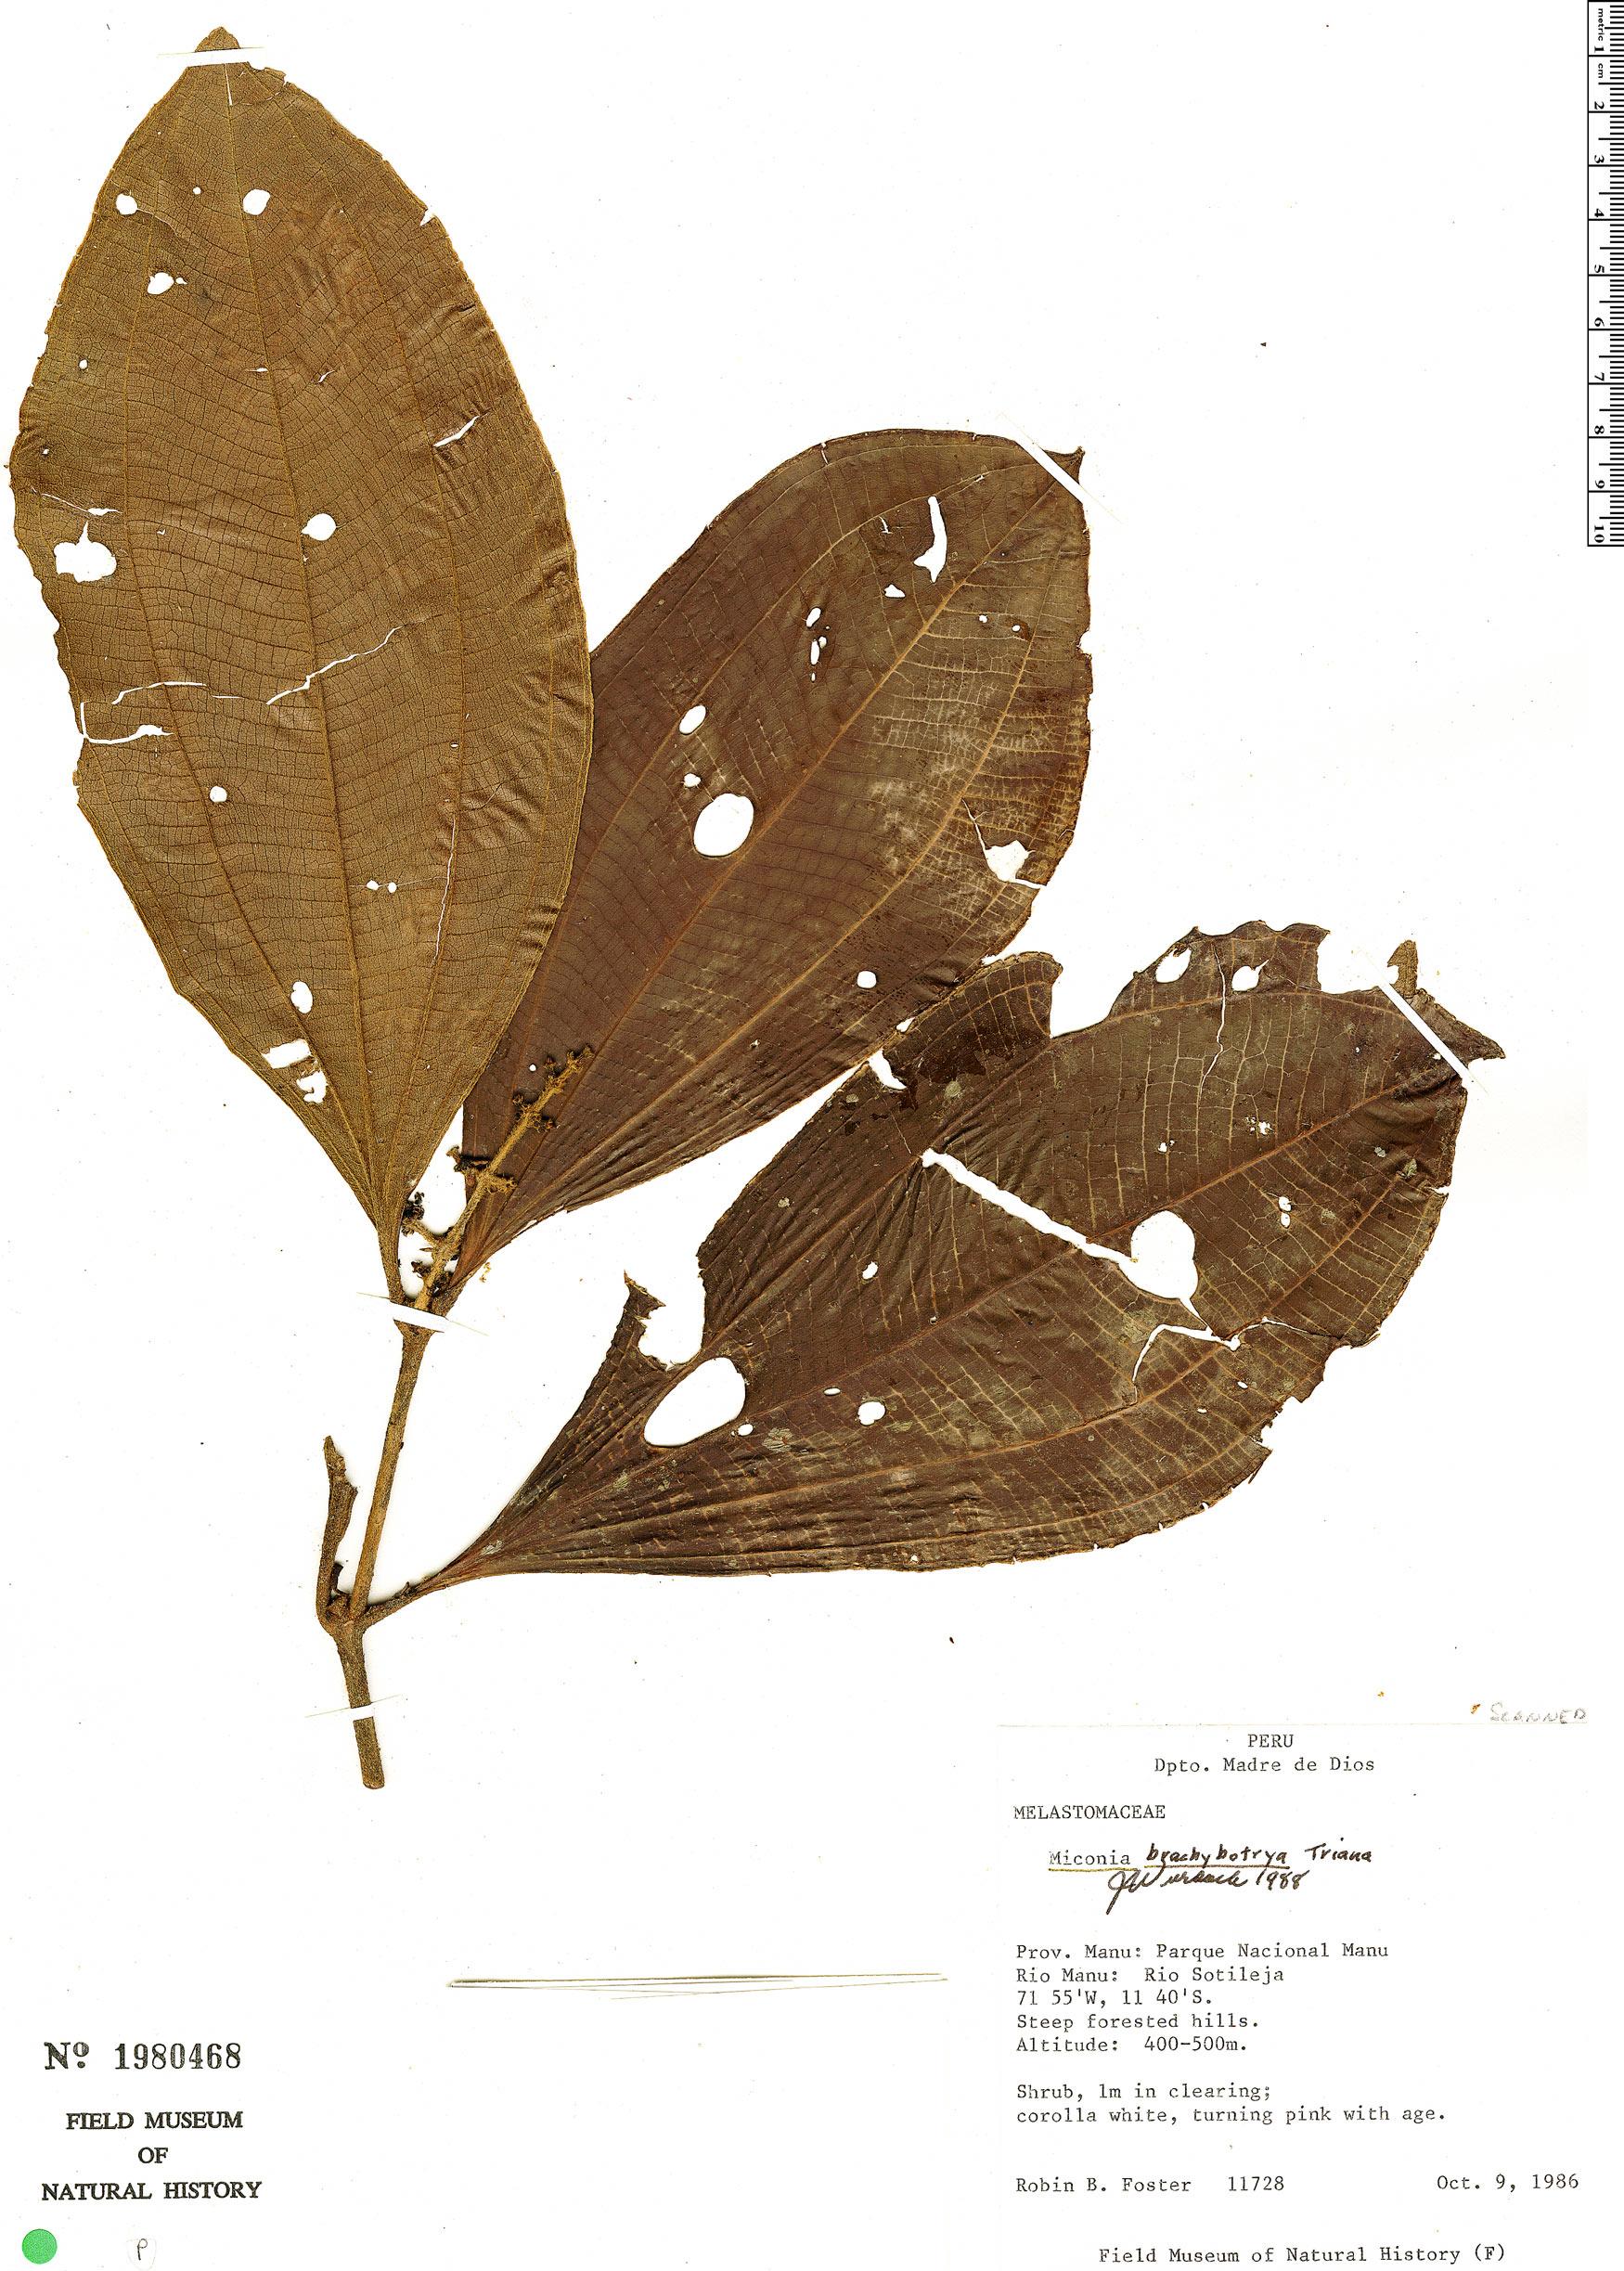 Specimen: Miconia brachybotrya